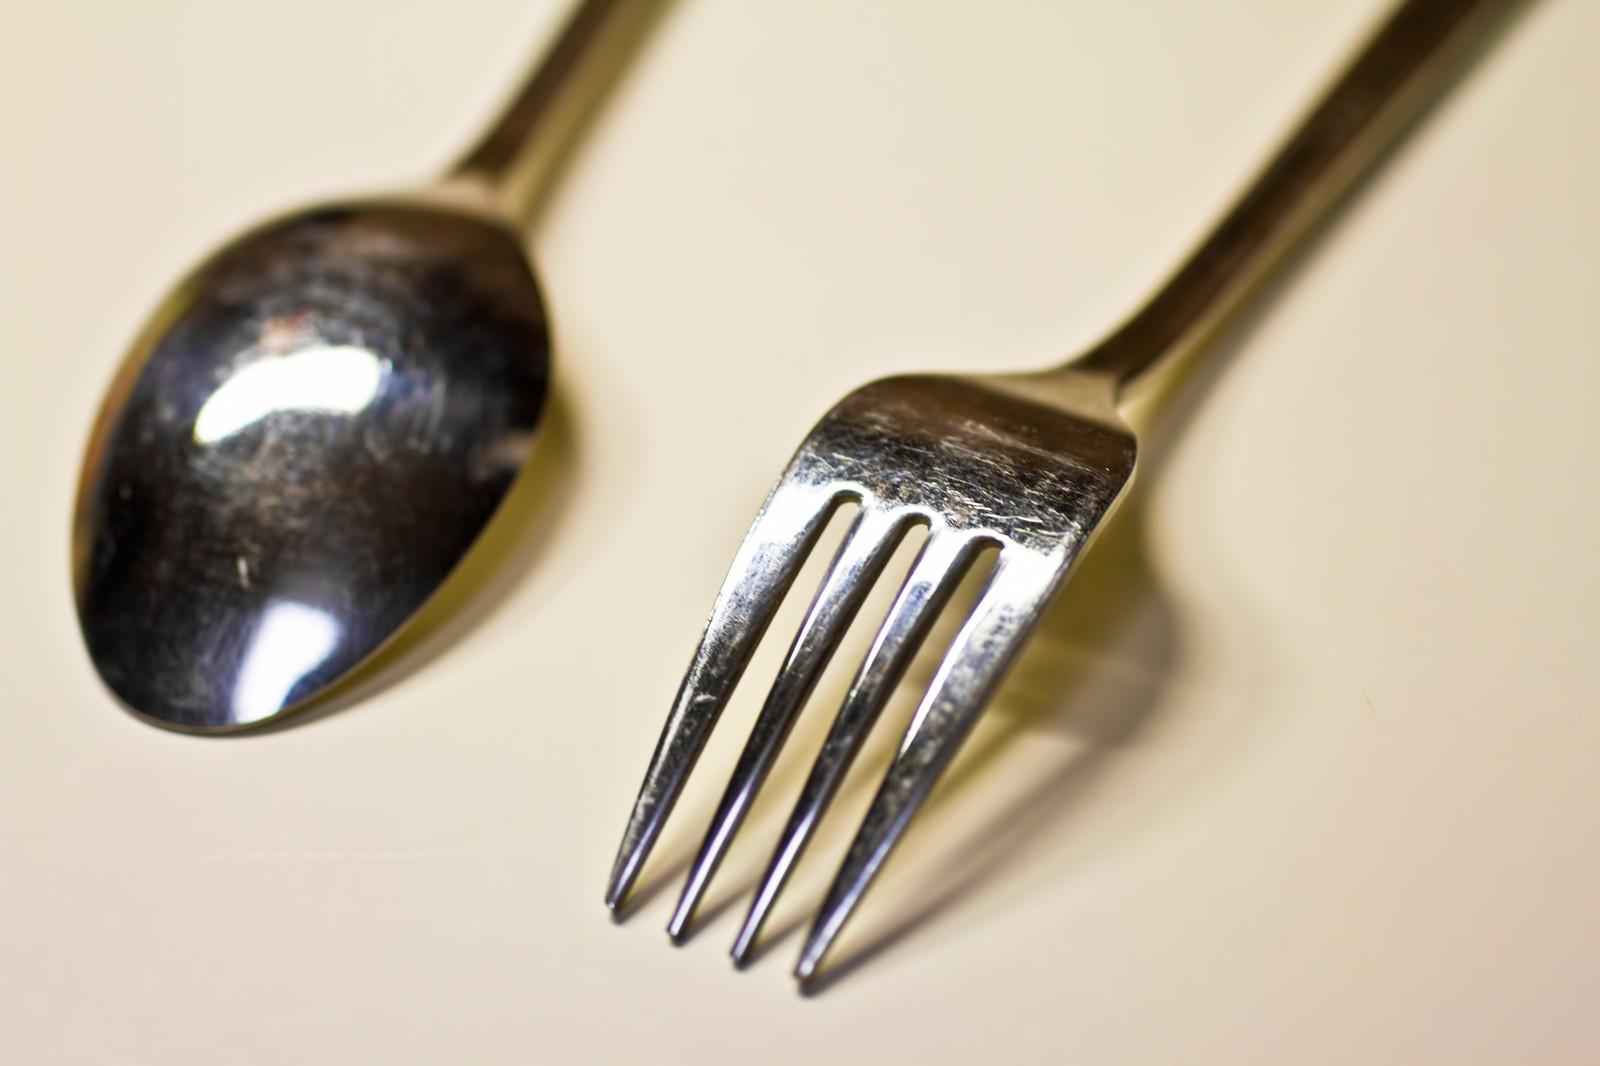 「銀のスプーンとフォーク」の写真